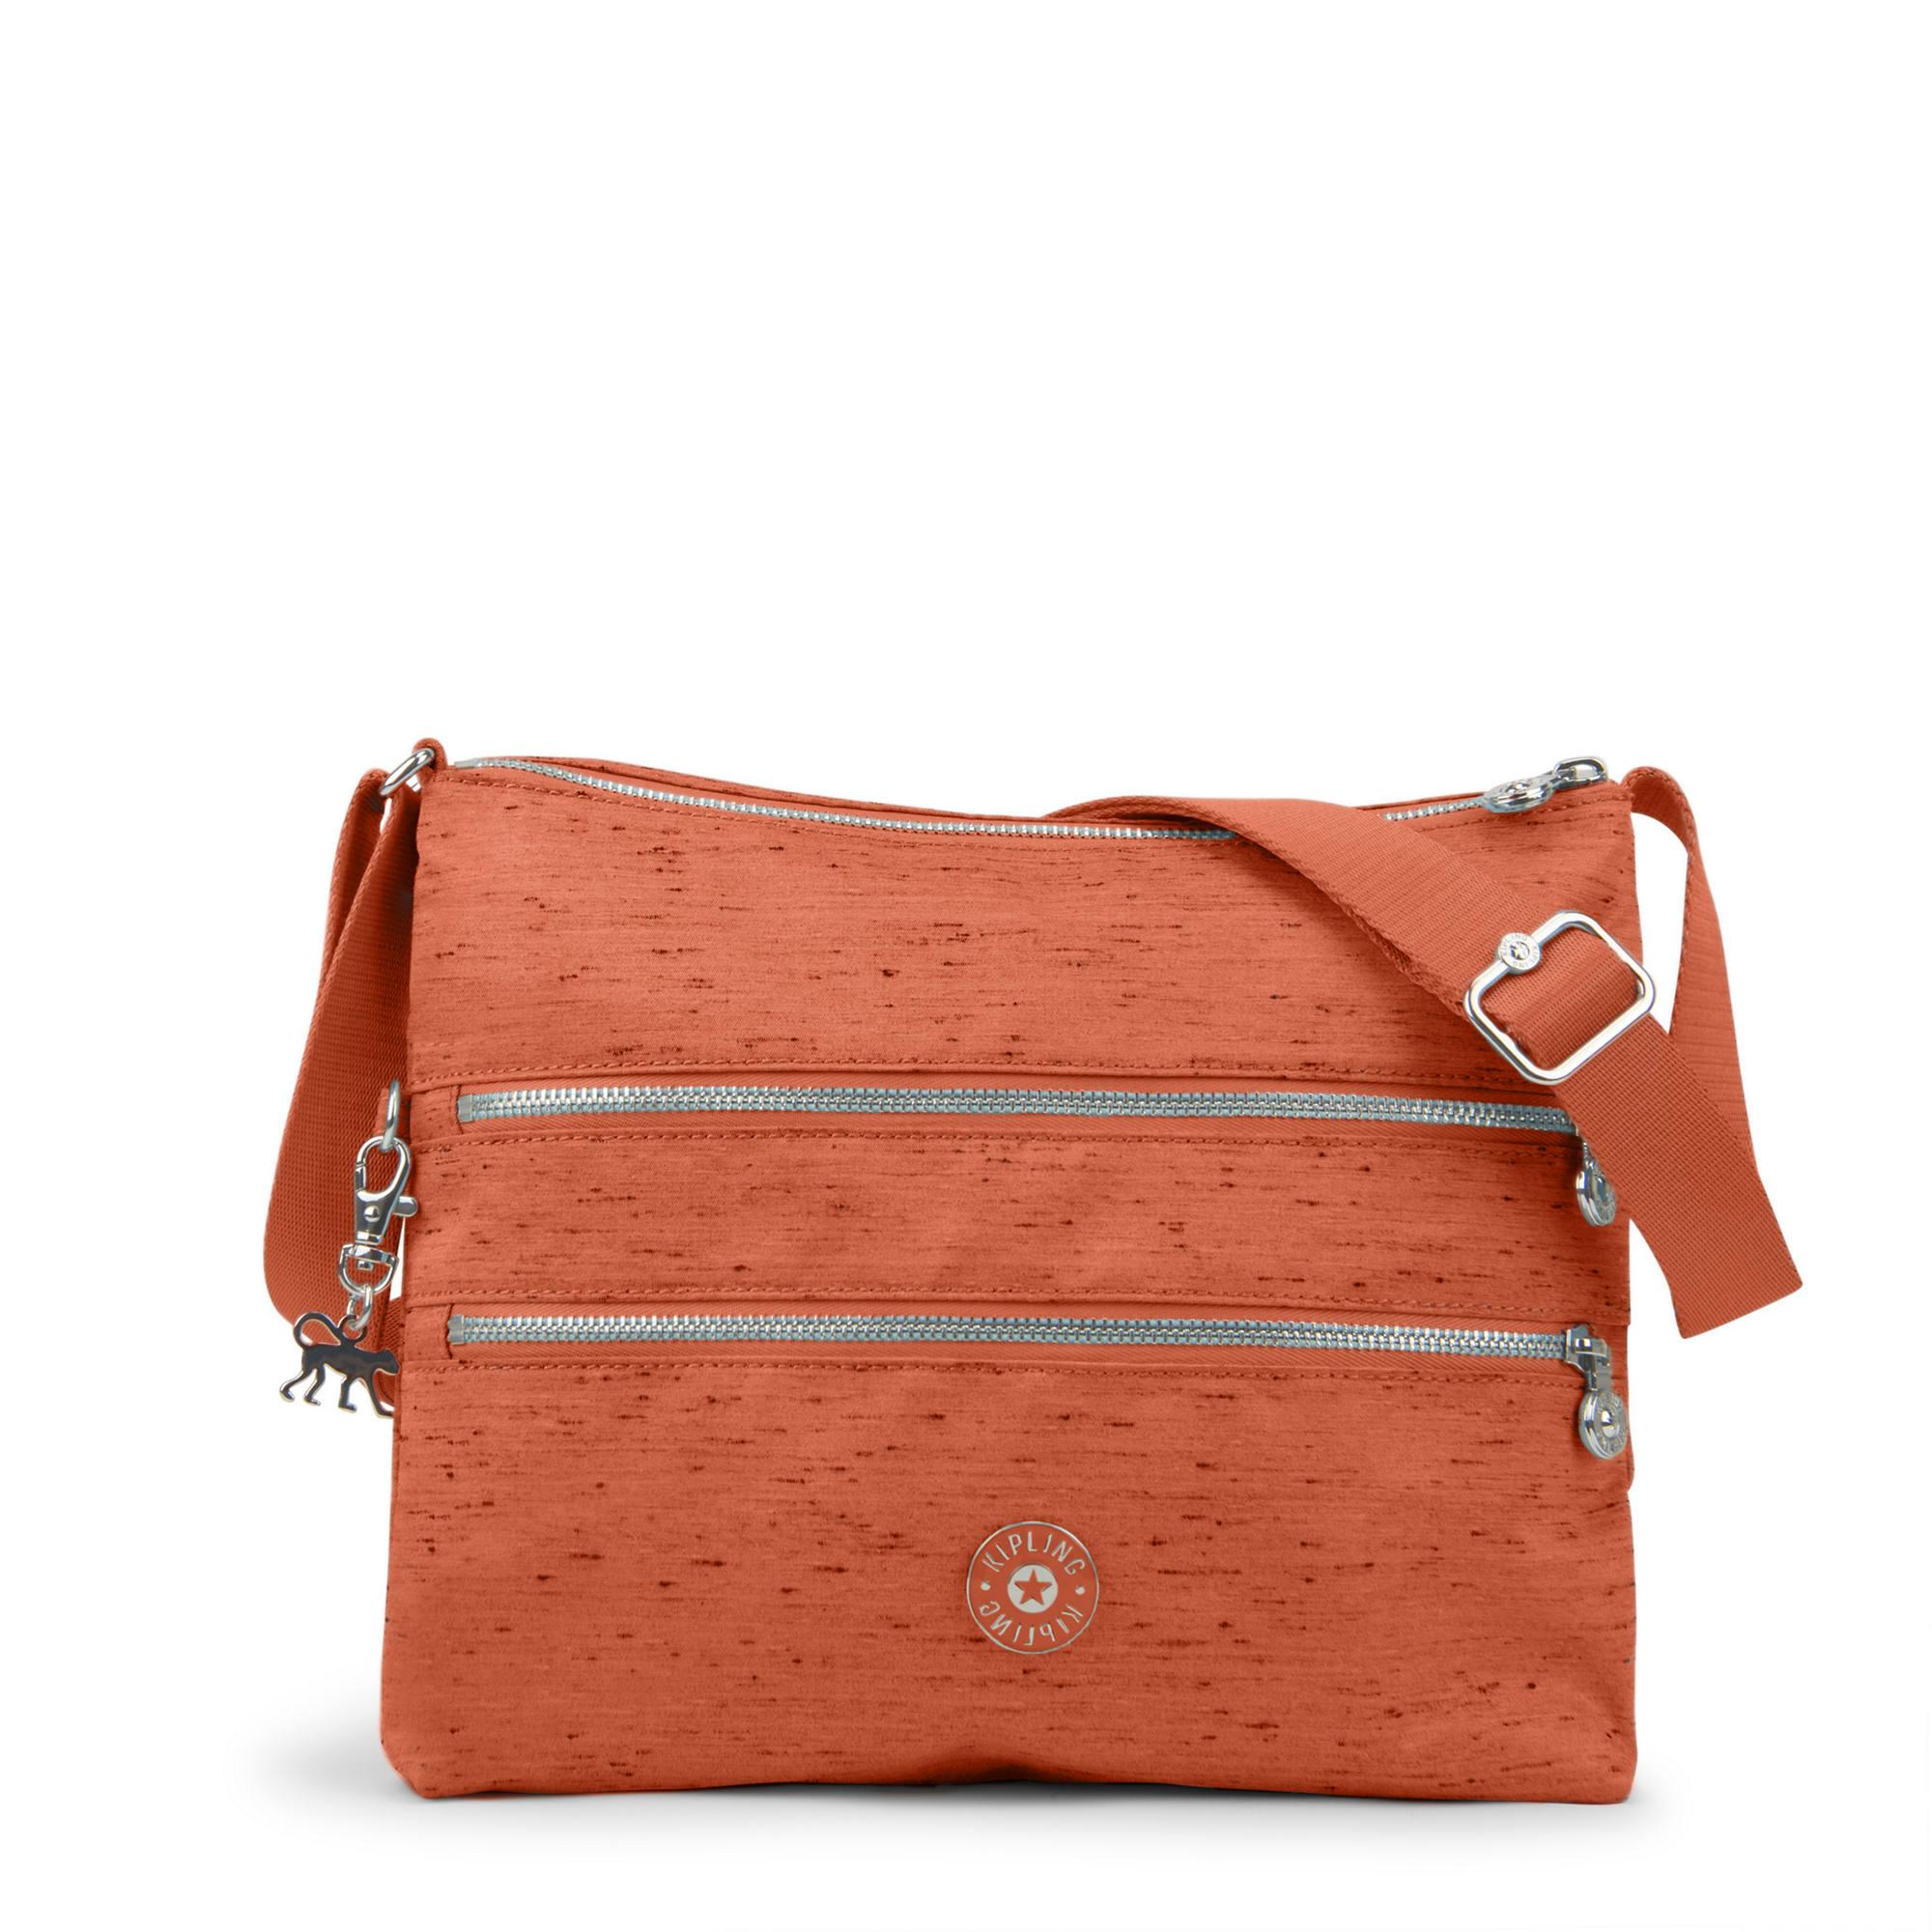 051c0d627 Alvar Crossbody Bag,Citrus Orange,large